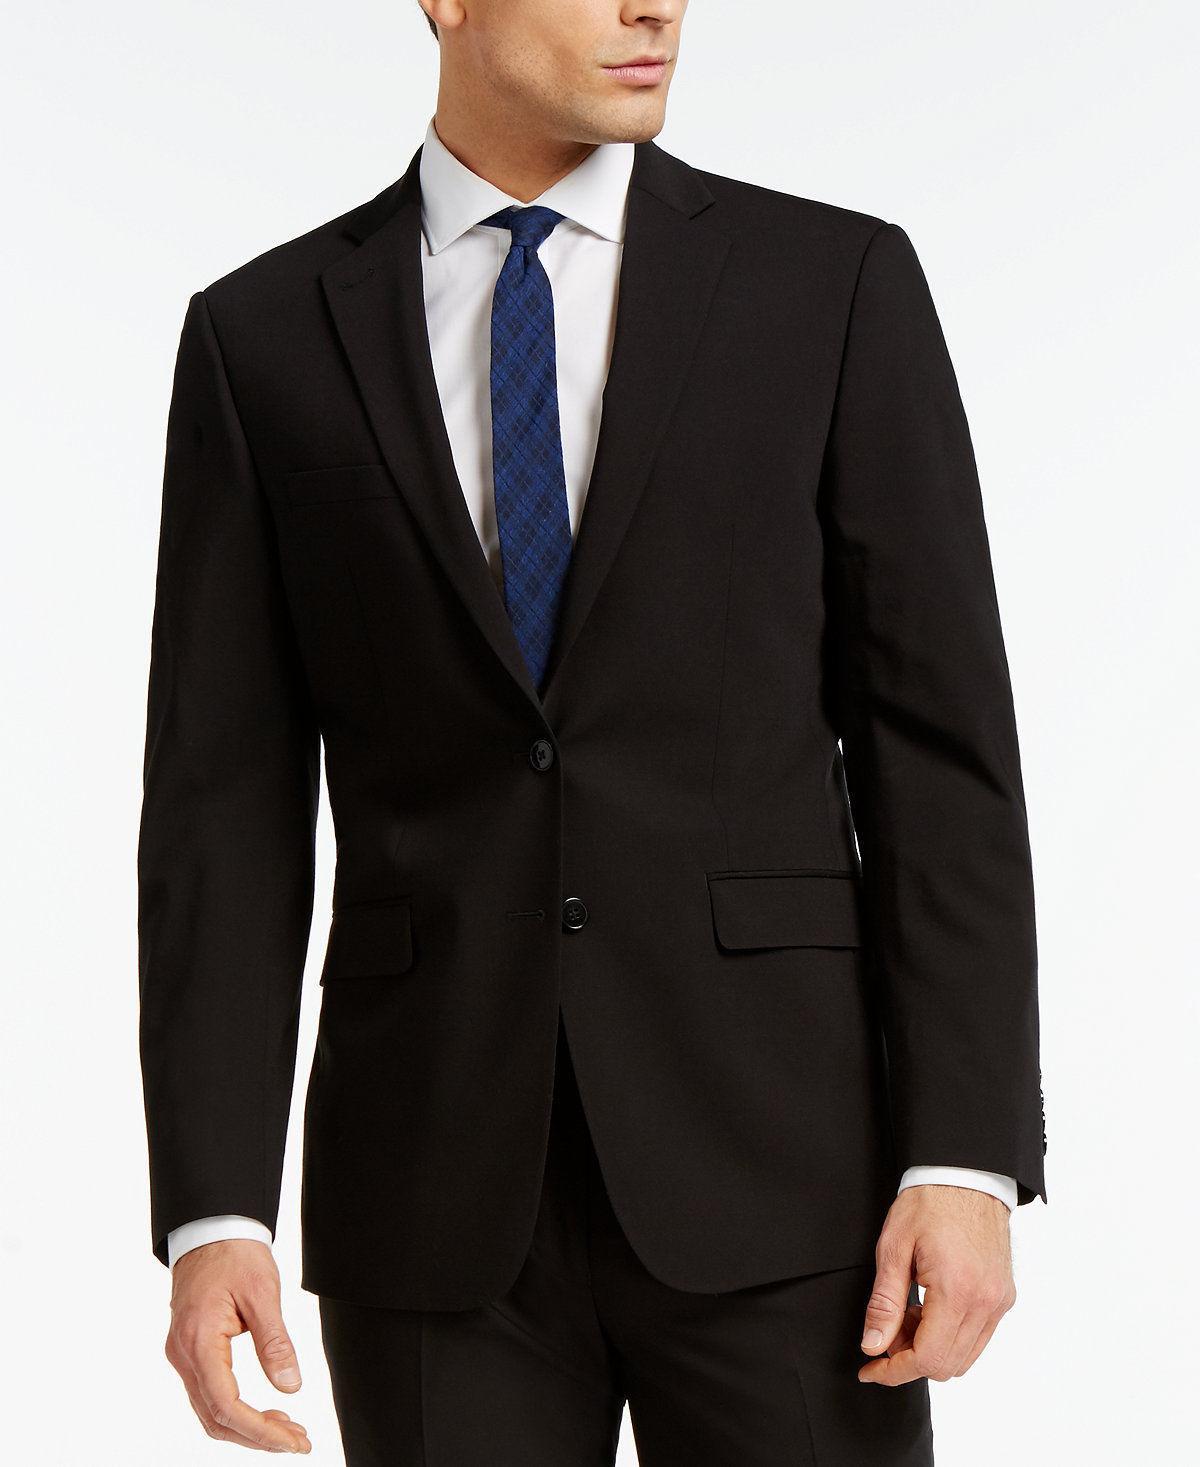 Extreme Slim Fit Wool Black PIECE JACKET PANT